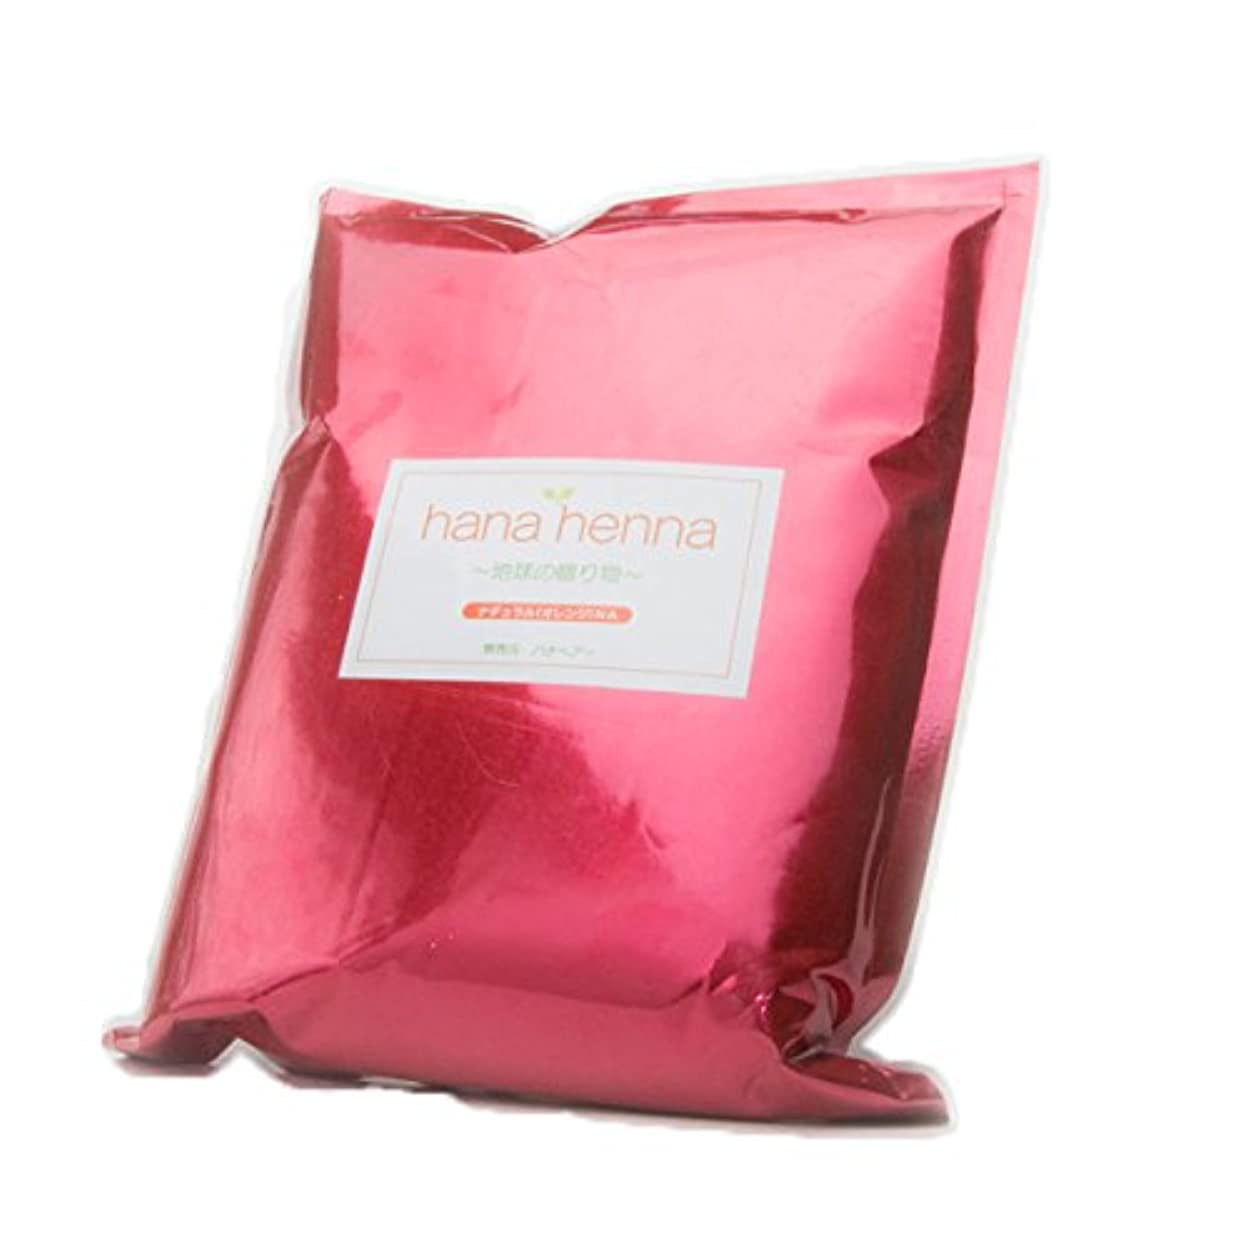 毛皮脆いスキームDO-S ヘナ ナチュラル 500g ノンシリコン 素髪力アップ CLASSY クラッシィ掲載商品